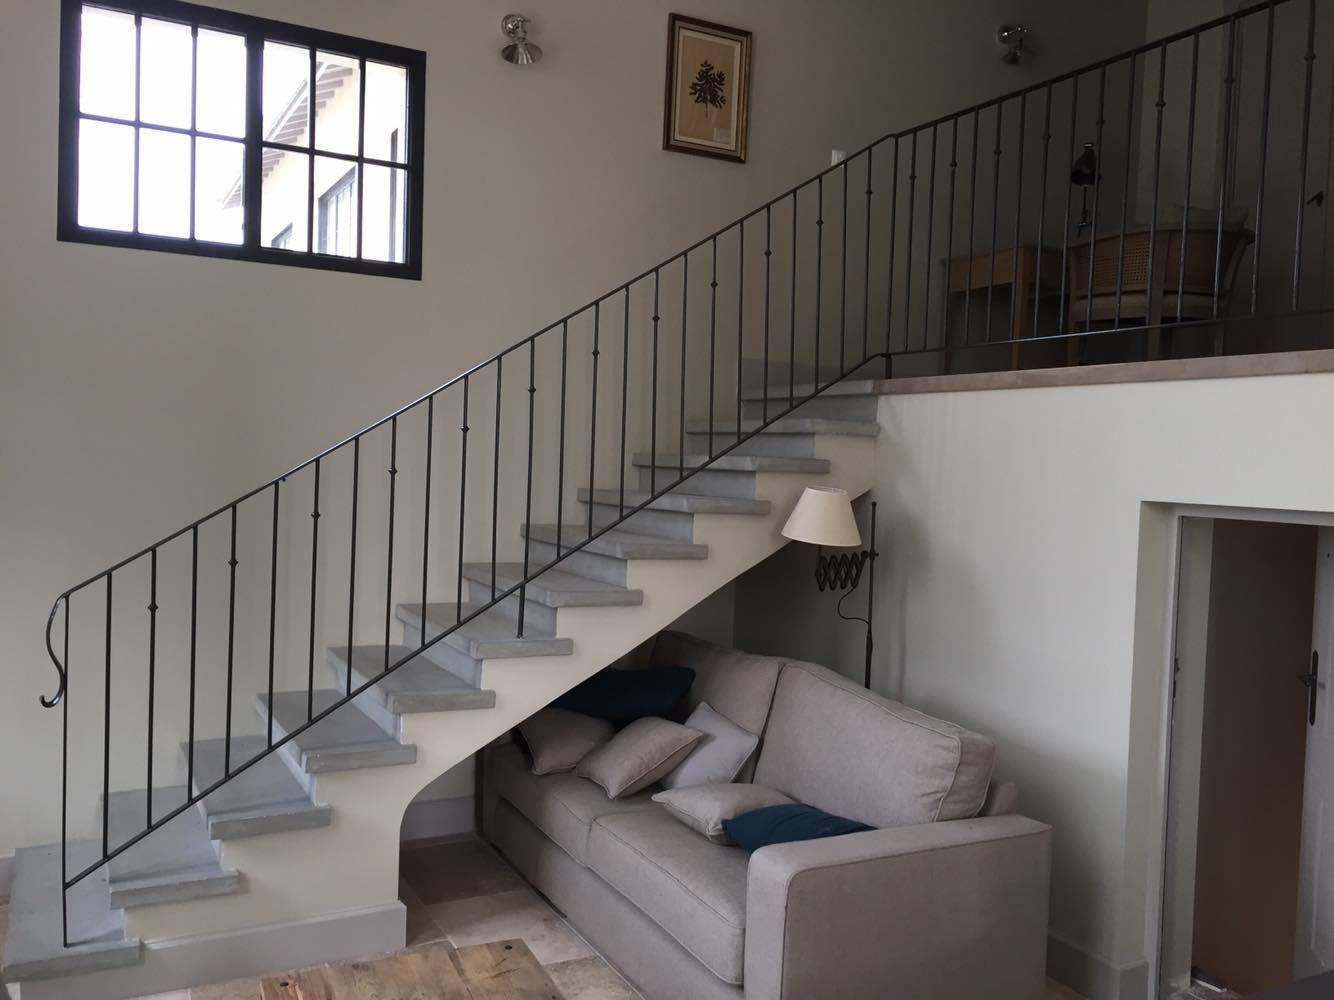 Fabrication Et Pose D Escalier En Beton Gris Lisse A Carcassonne Et Toulouse Escalier Beton Escalier Nez De Marche